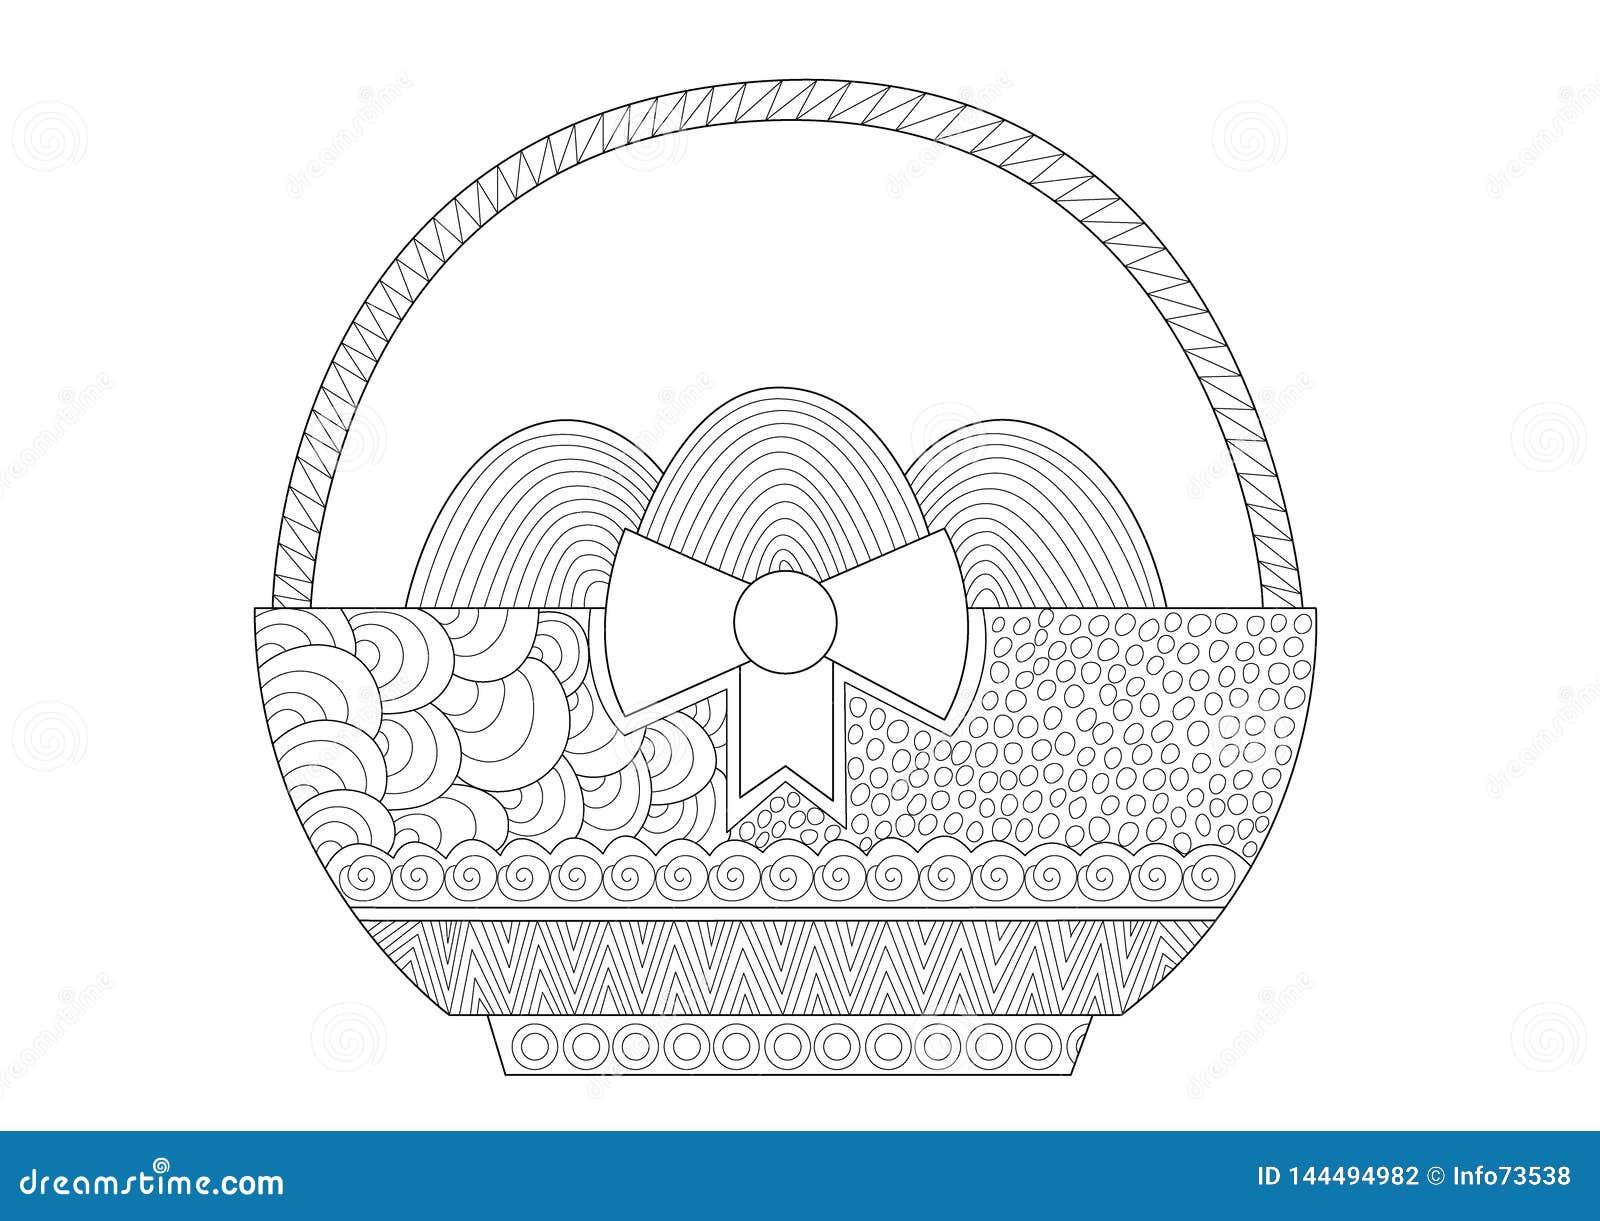 Dekorativ påskkorg med ägg för vuxna människor